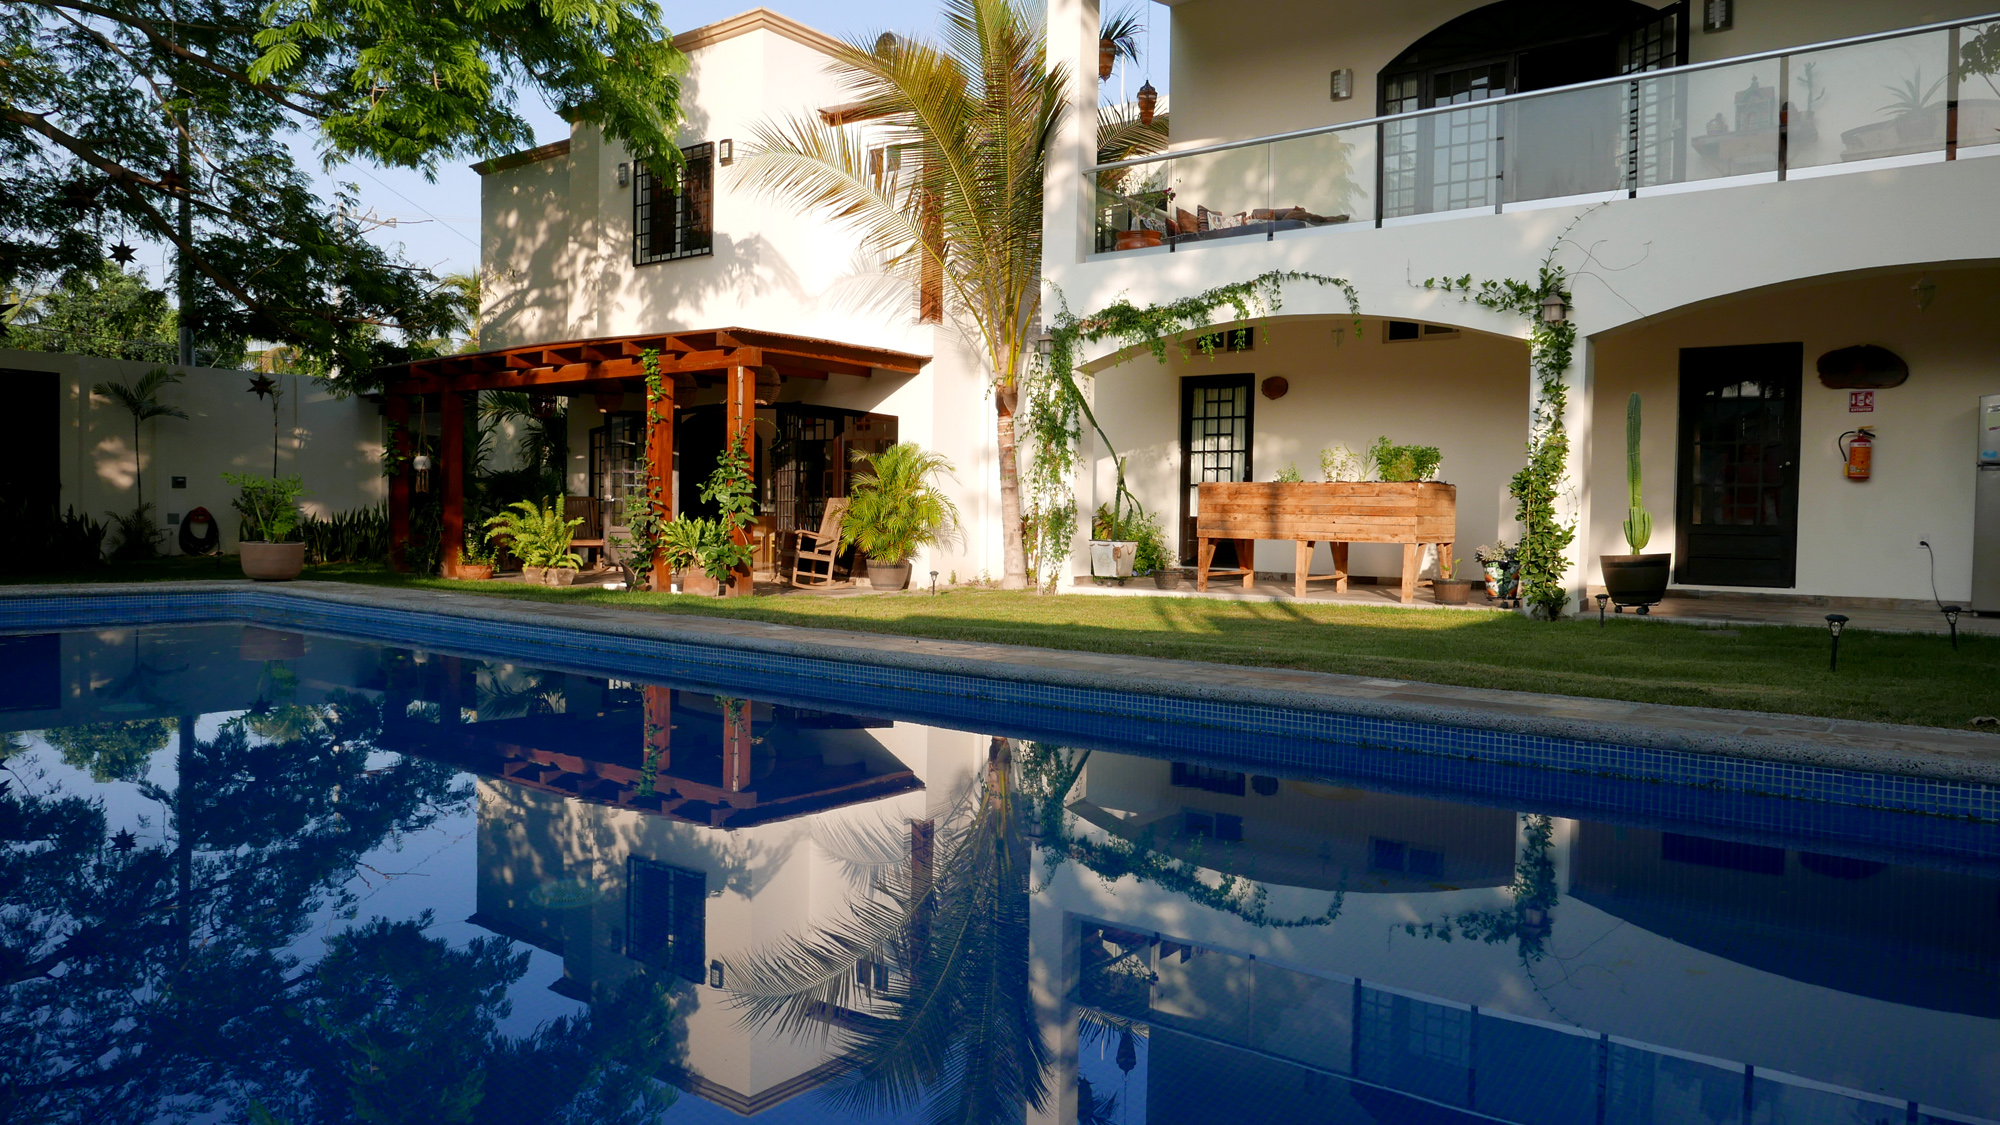 villas parota pool